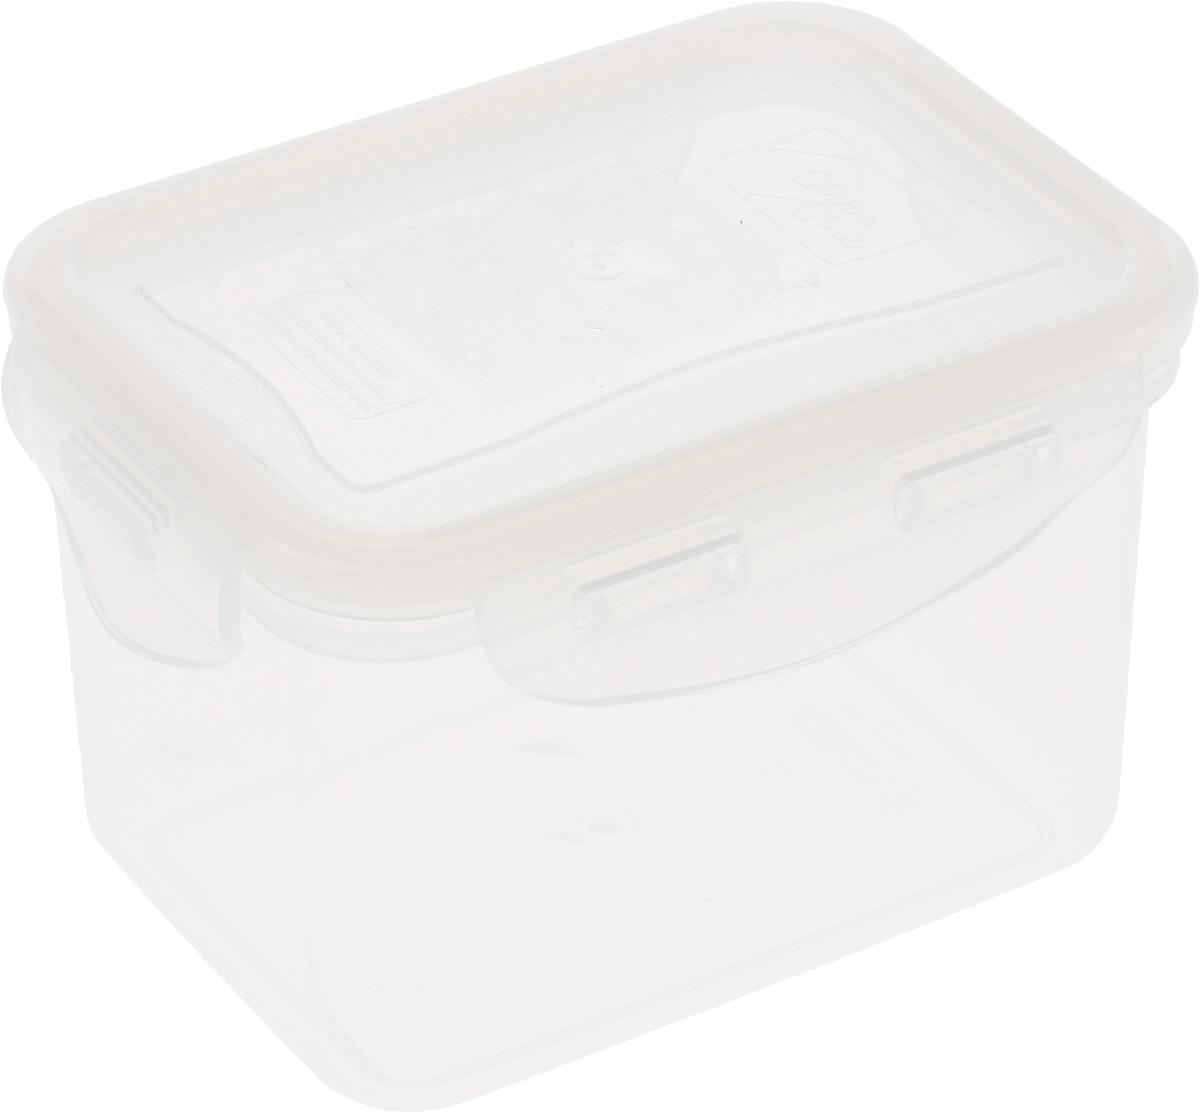 Контейнер пищевой Good&Good, цвет: прозрачный, 630 мл02-2_прозрачныйПрямоугольный контейнер Good&Good изготовлен из высококачественного полипропилена и предназначен для хранения любых пищевых продуктов. Благодаря особым технологиям изготовления, лотки в течение времени службы не меняют цвет и не пропитываются запахами. Крышка с силиконовой вставкой герметично защелкивается специальным механизмом. Контейнер Good&Good удобен для ежедневного использования в быту.Можно мыть в посудомоечной машине и использовать в микроволновой печи.Размер контейнера (с учетом крышки): 13 х 10 х 8,5 см.